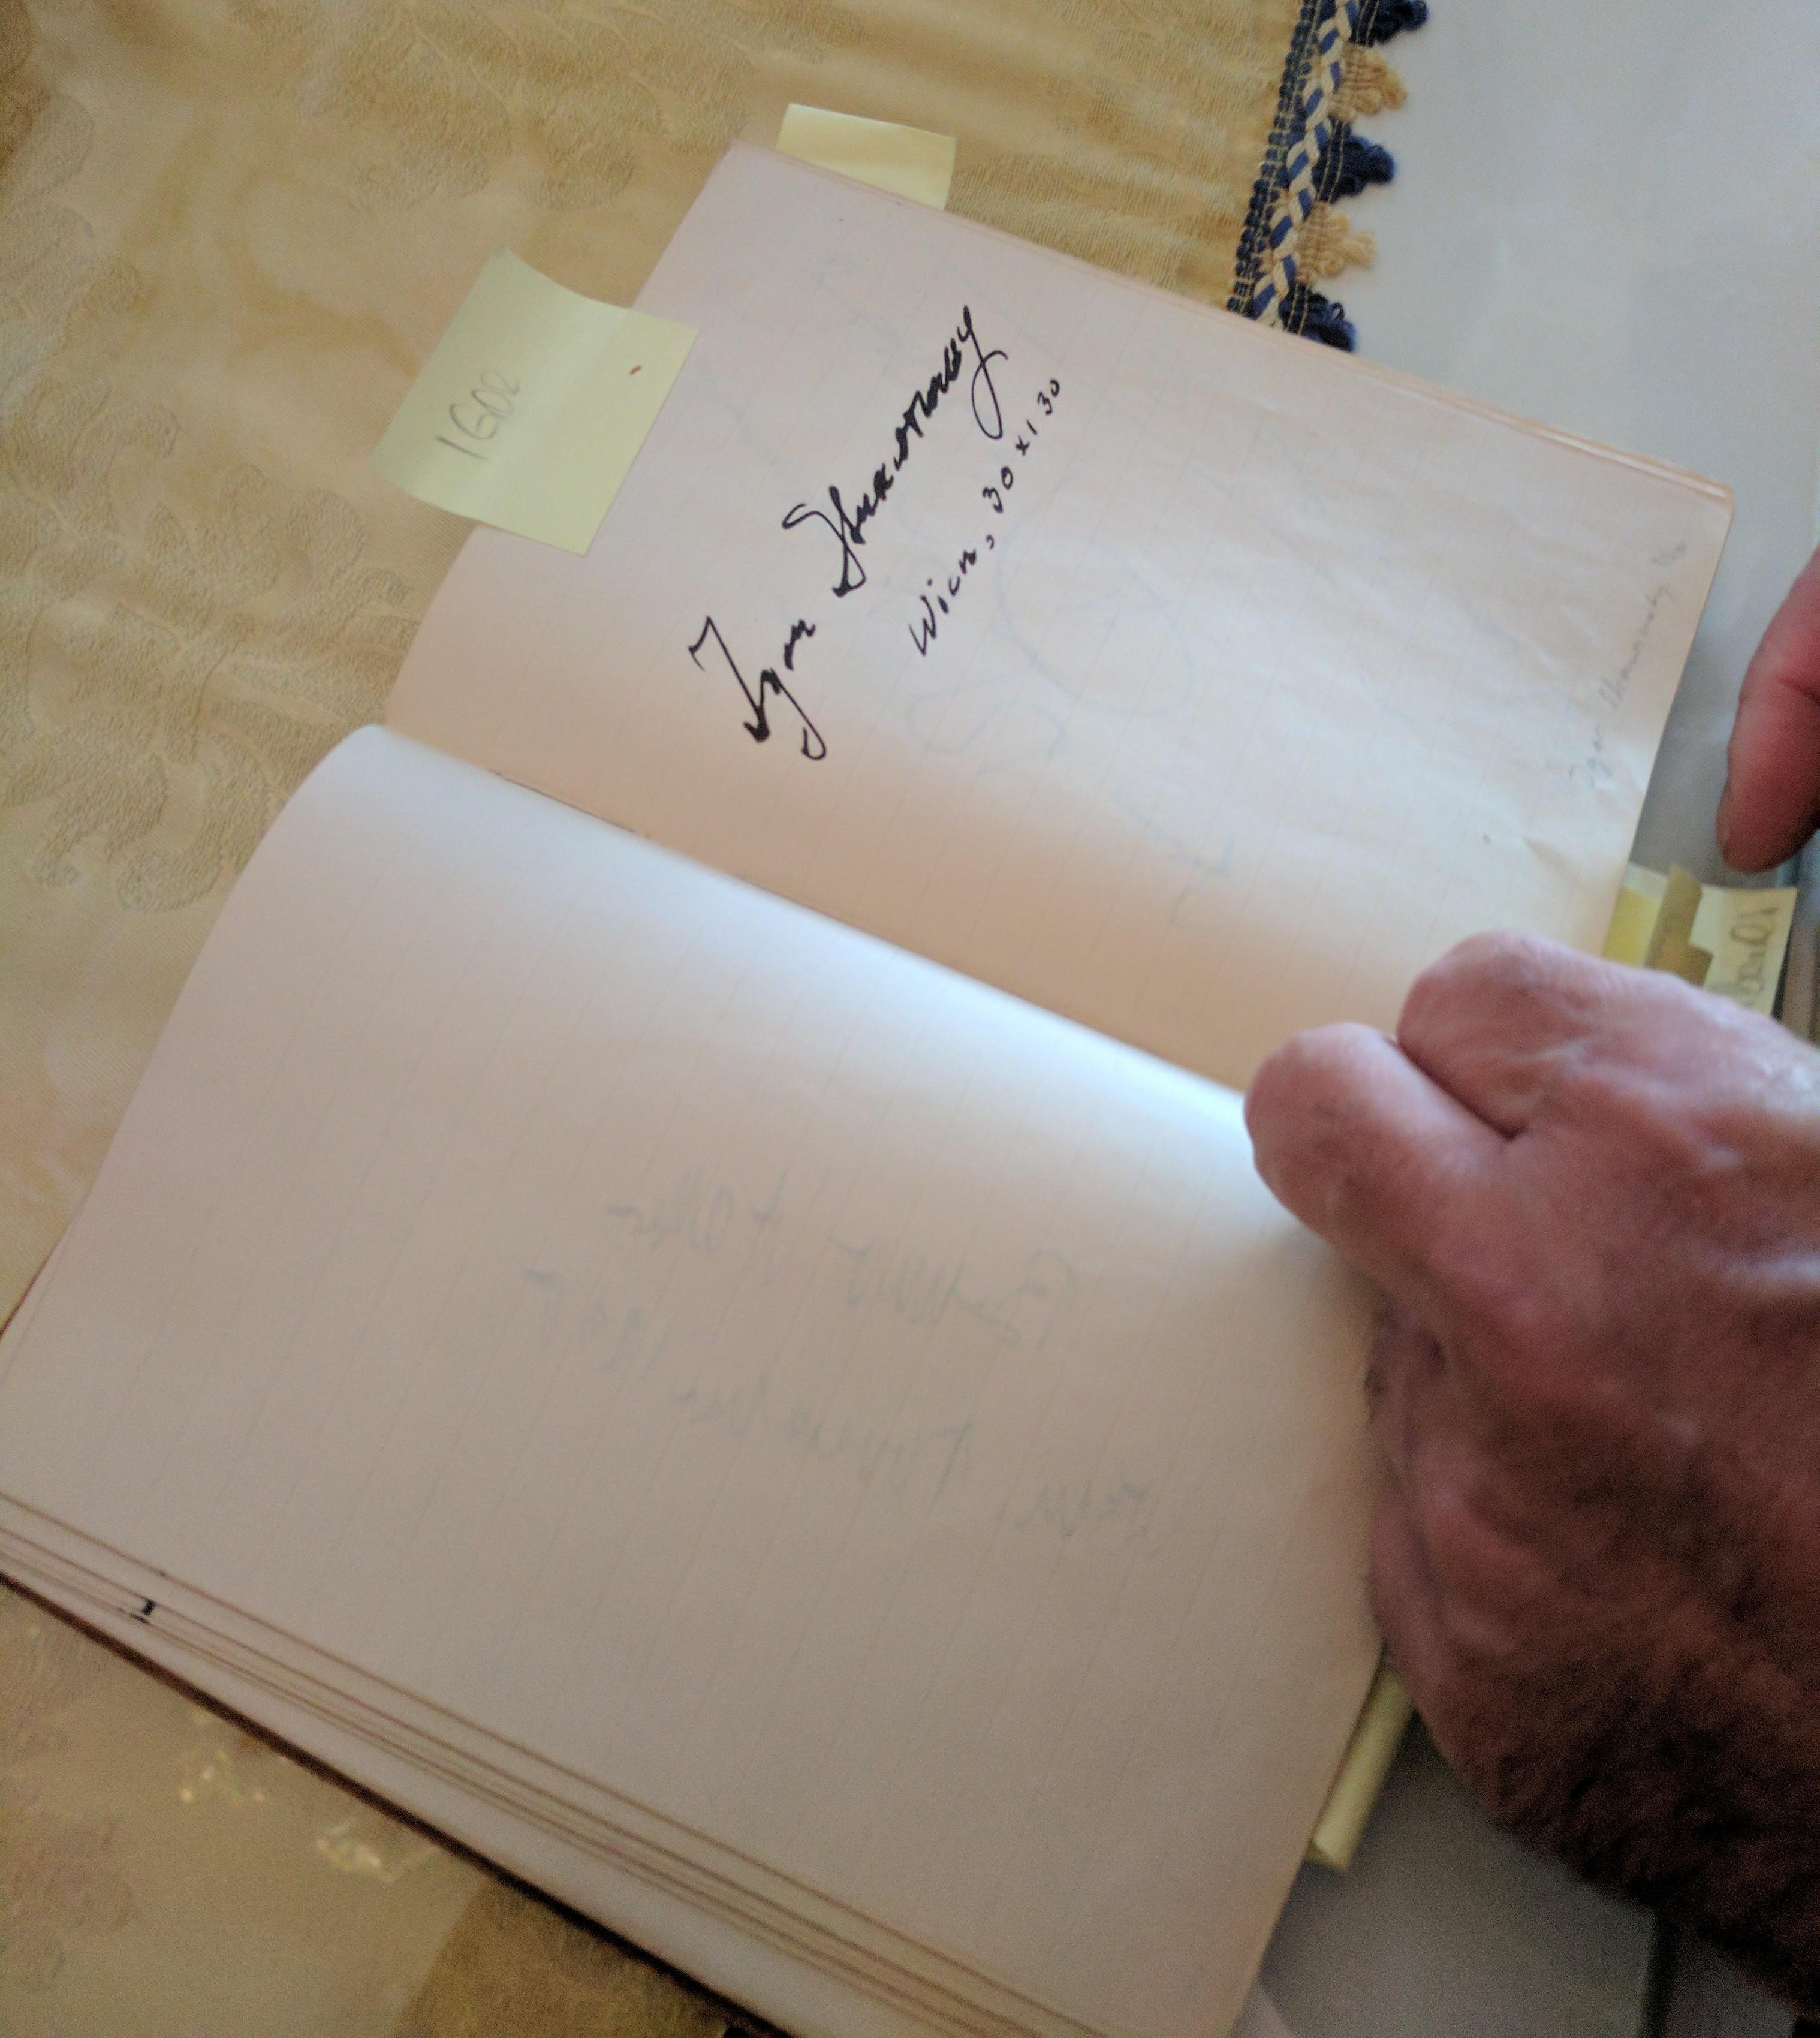 Stravinsky signature